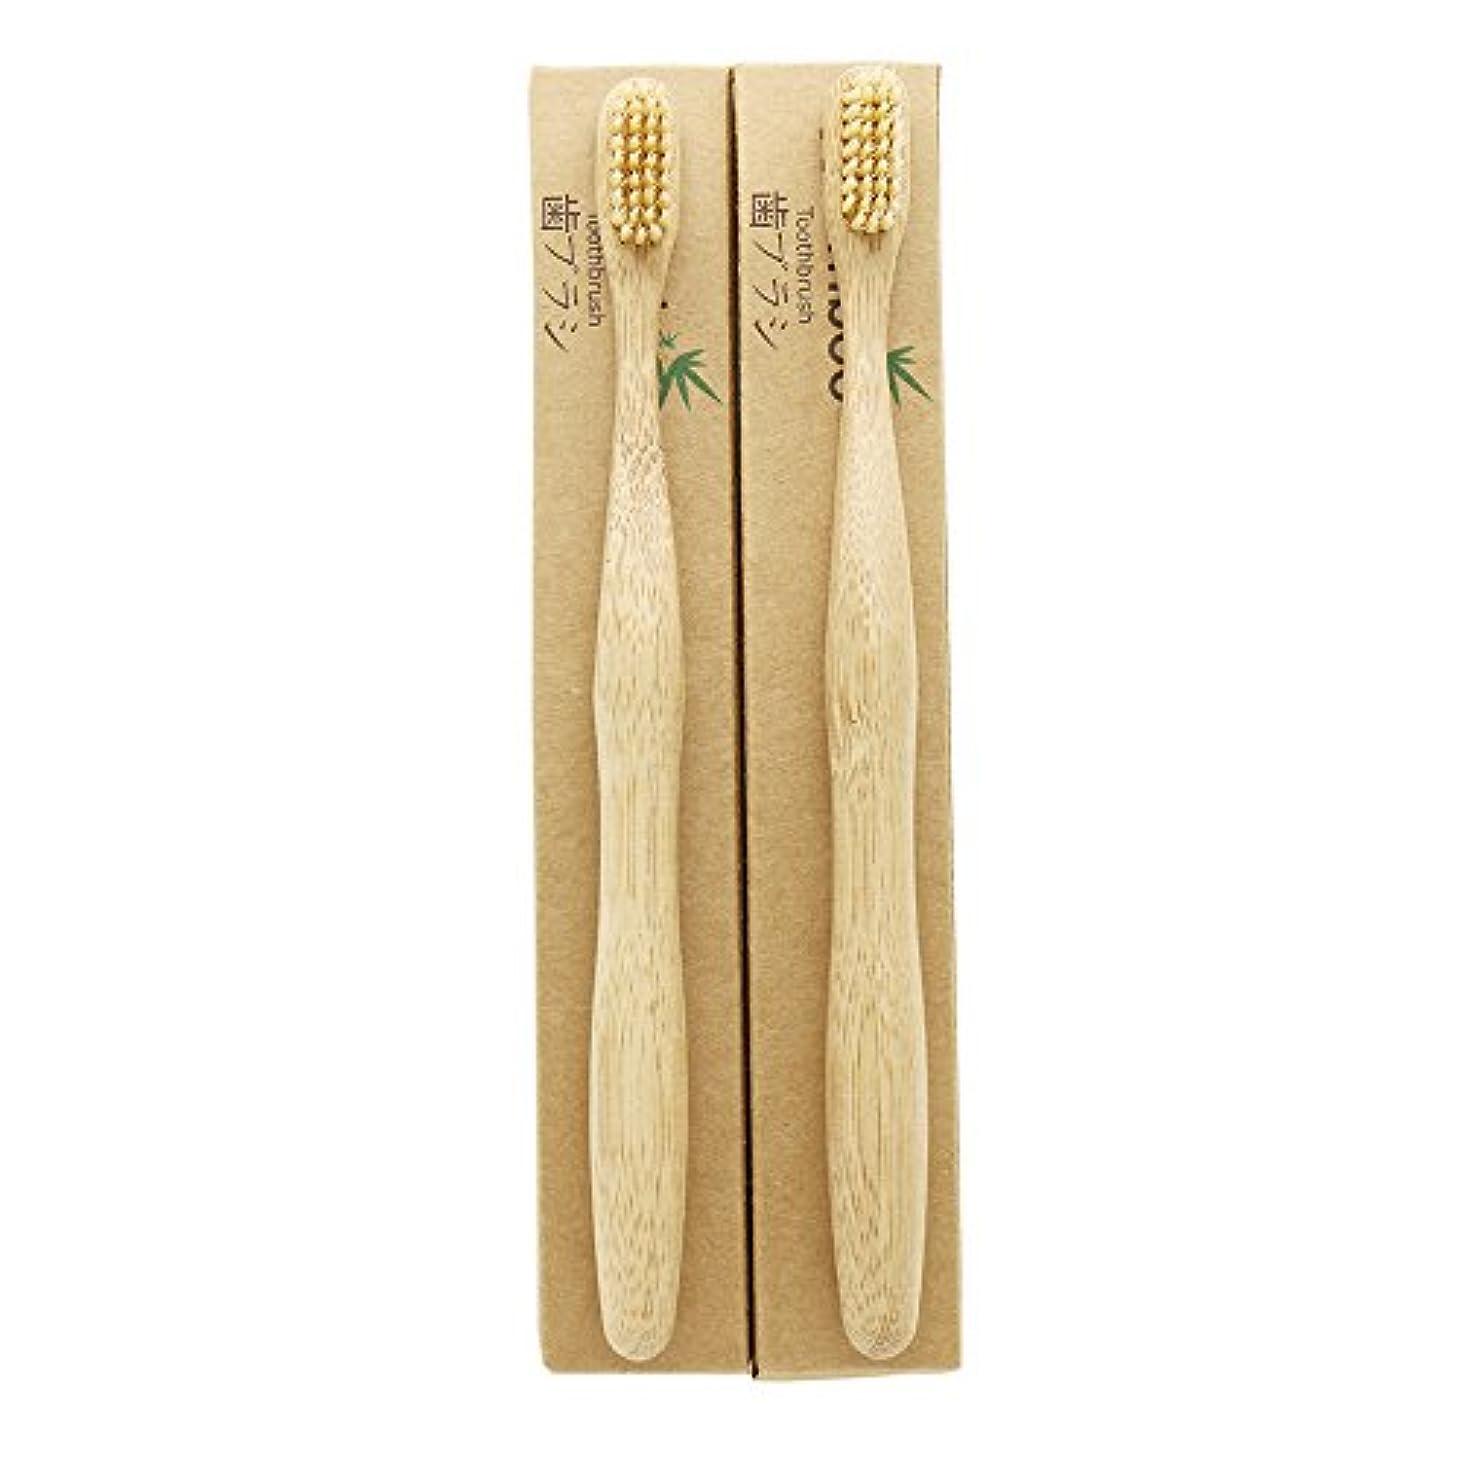 合理化産地嫌なN-amboo 竹製耐久度高い 歯ブラシ ハンドル大きい 2本入りセット ベージュ